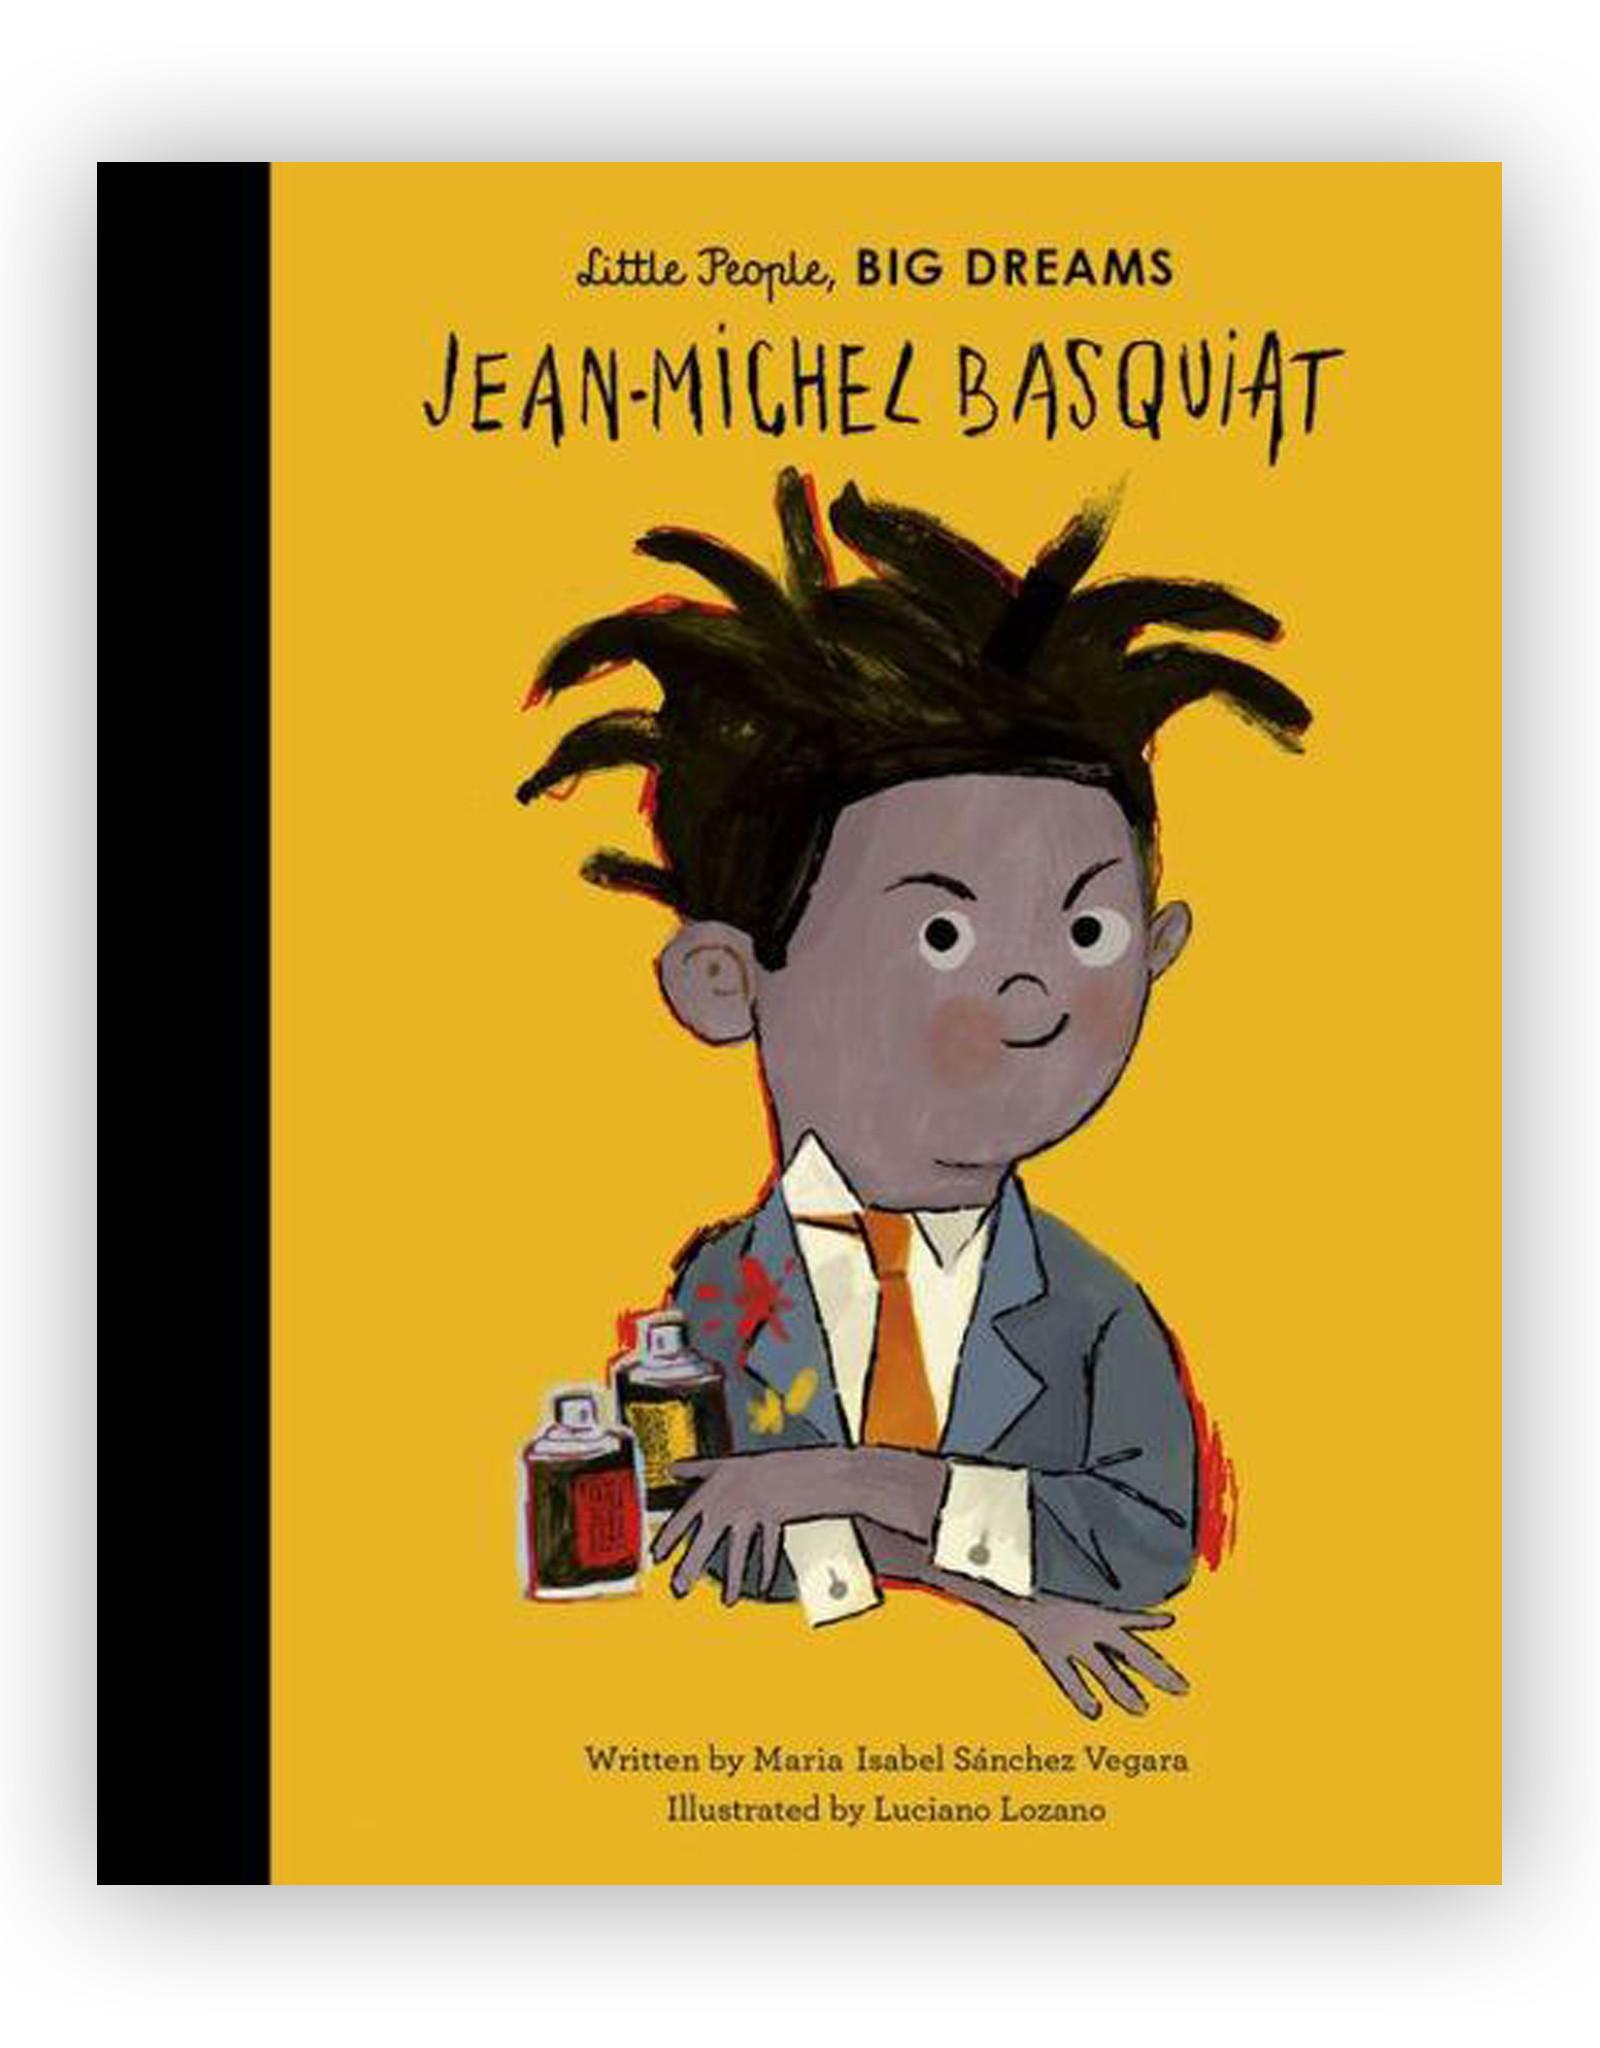 Little People, Big Dreams: Jean Michel Basquiat